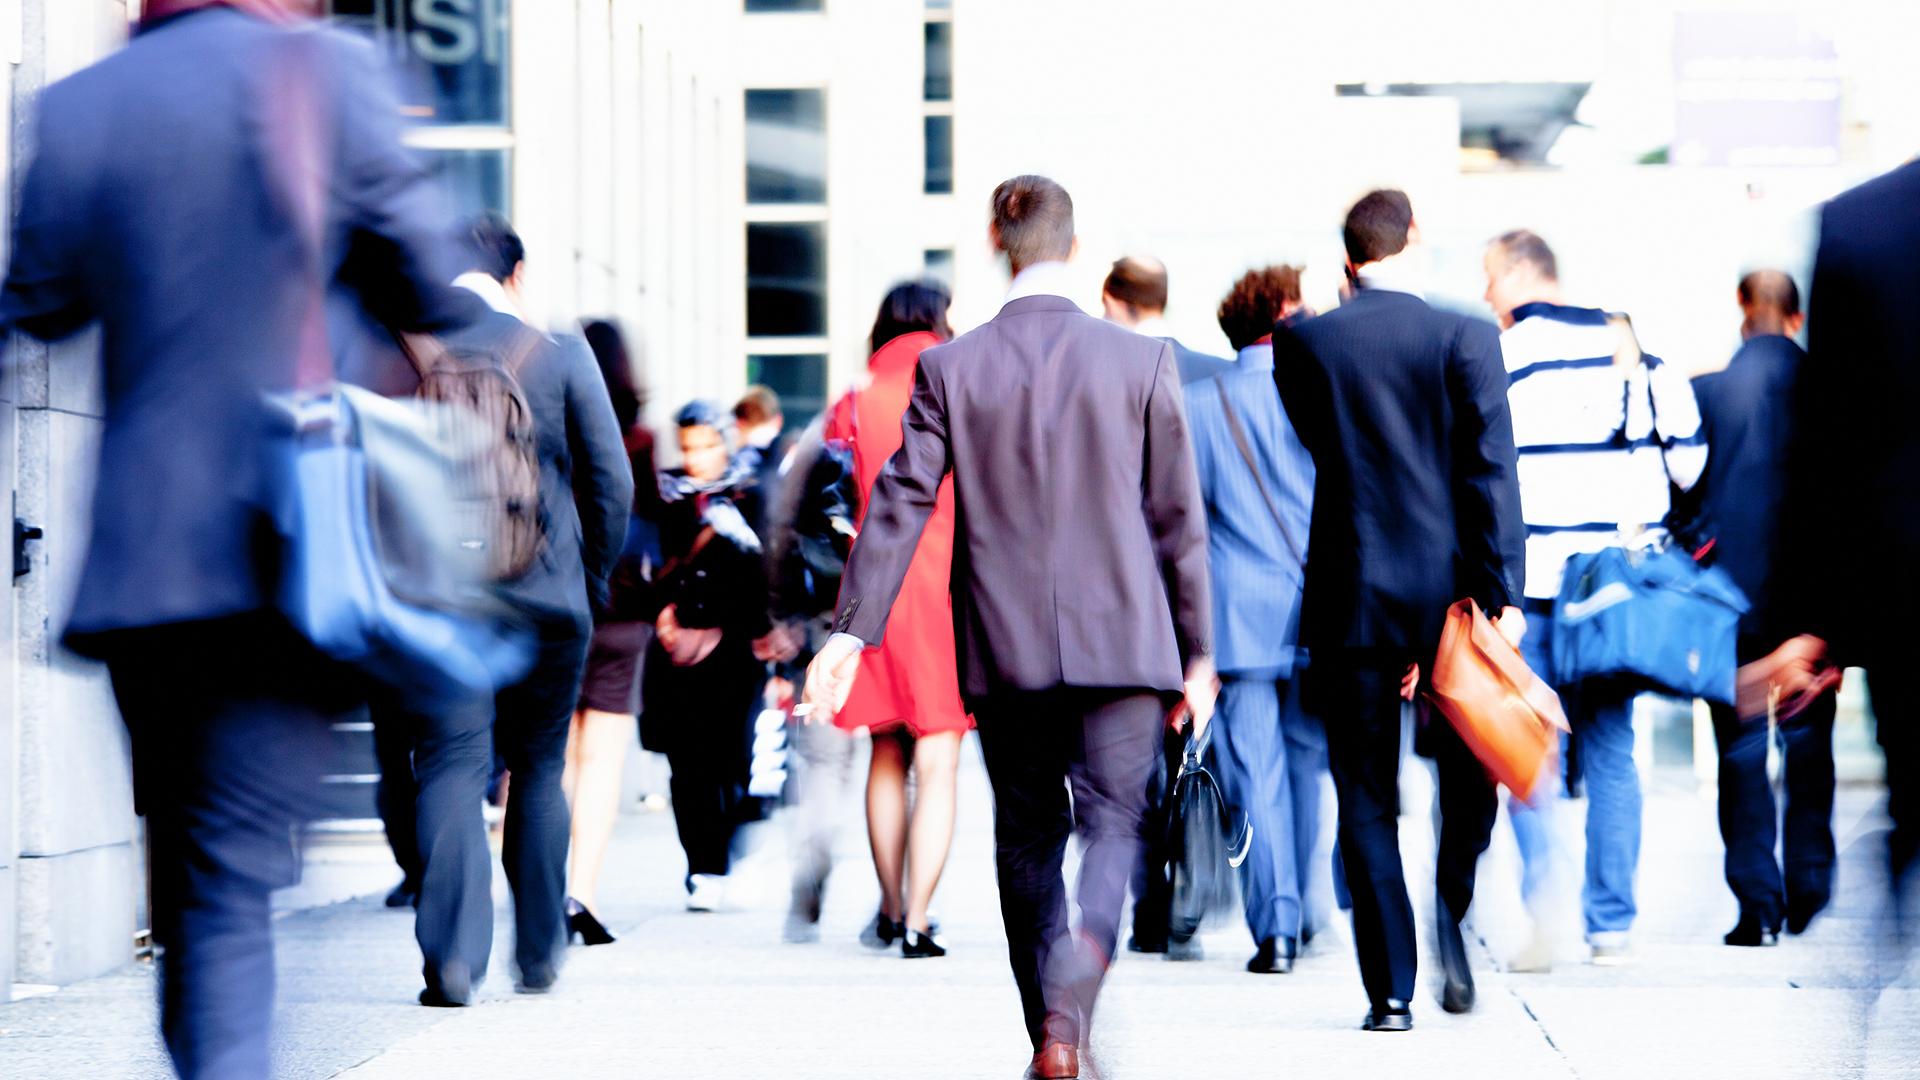 Commuters walking on sidewalk